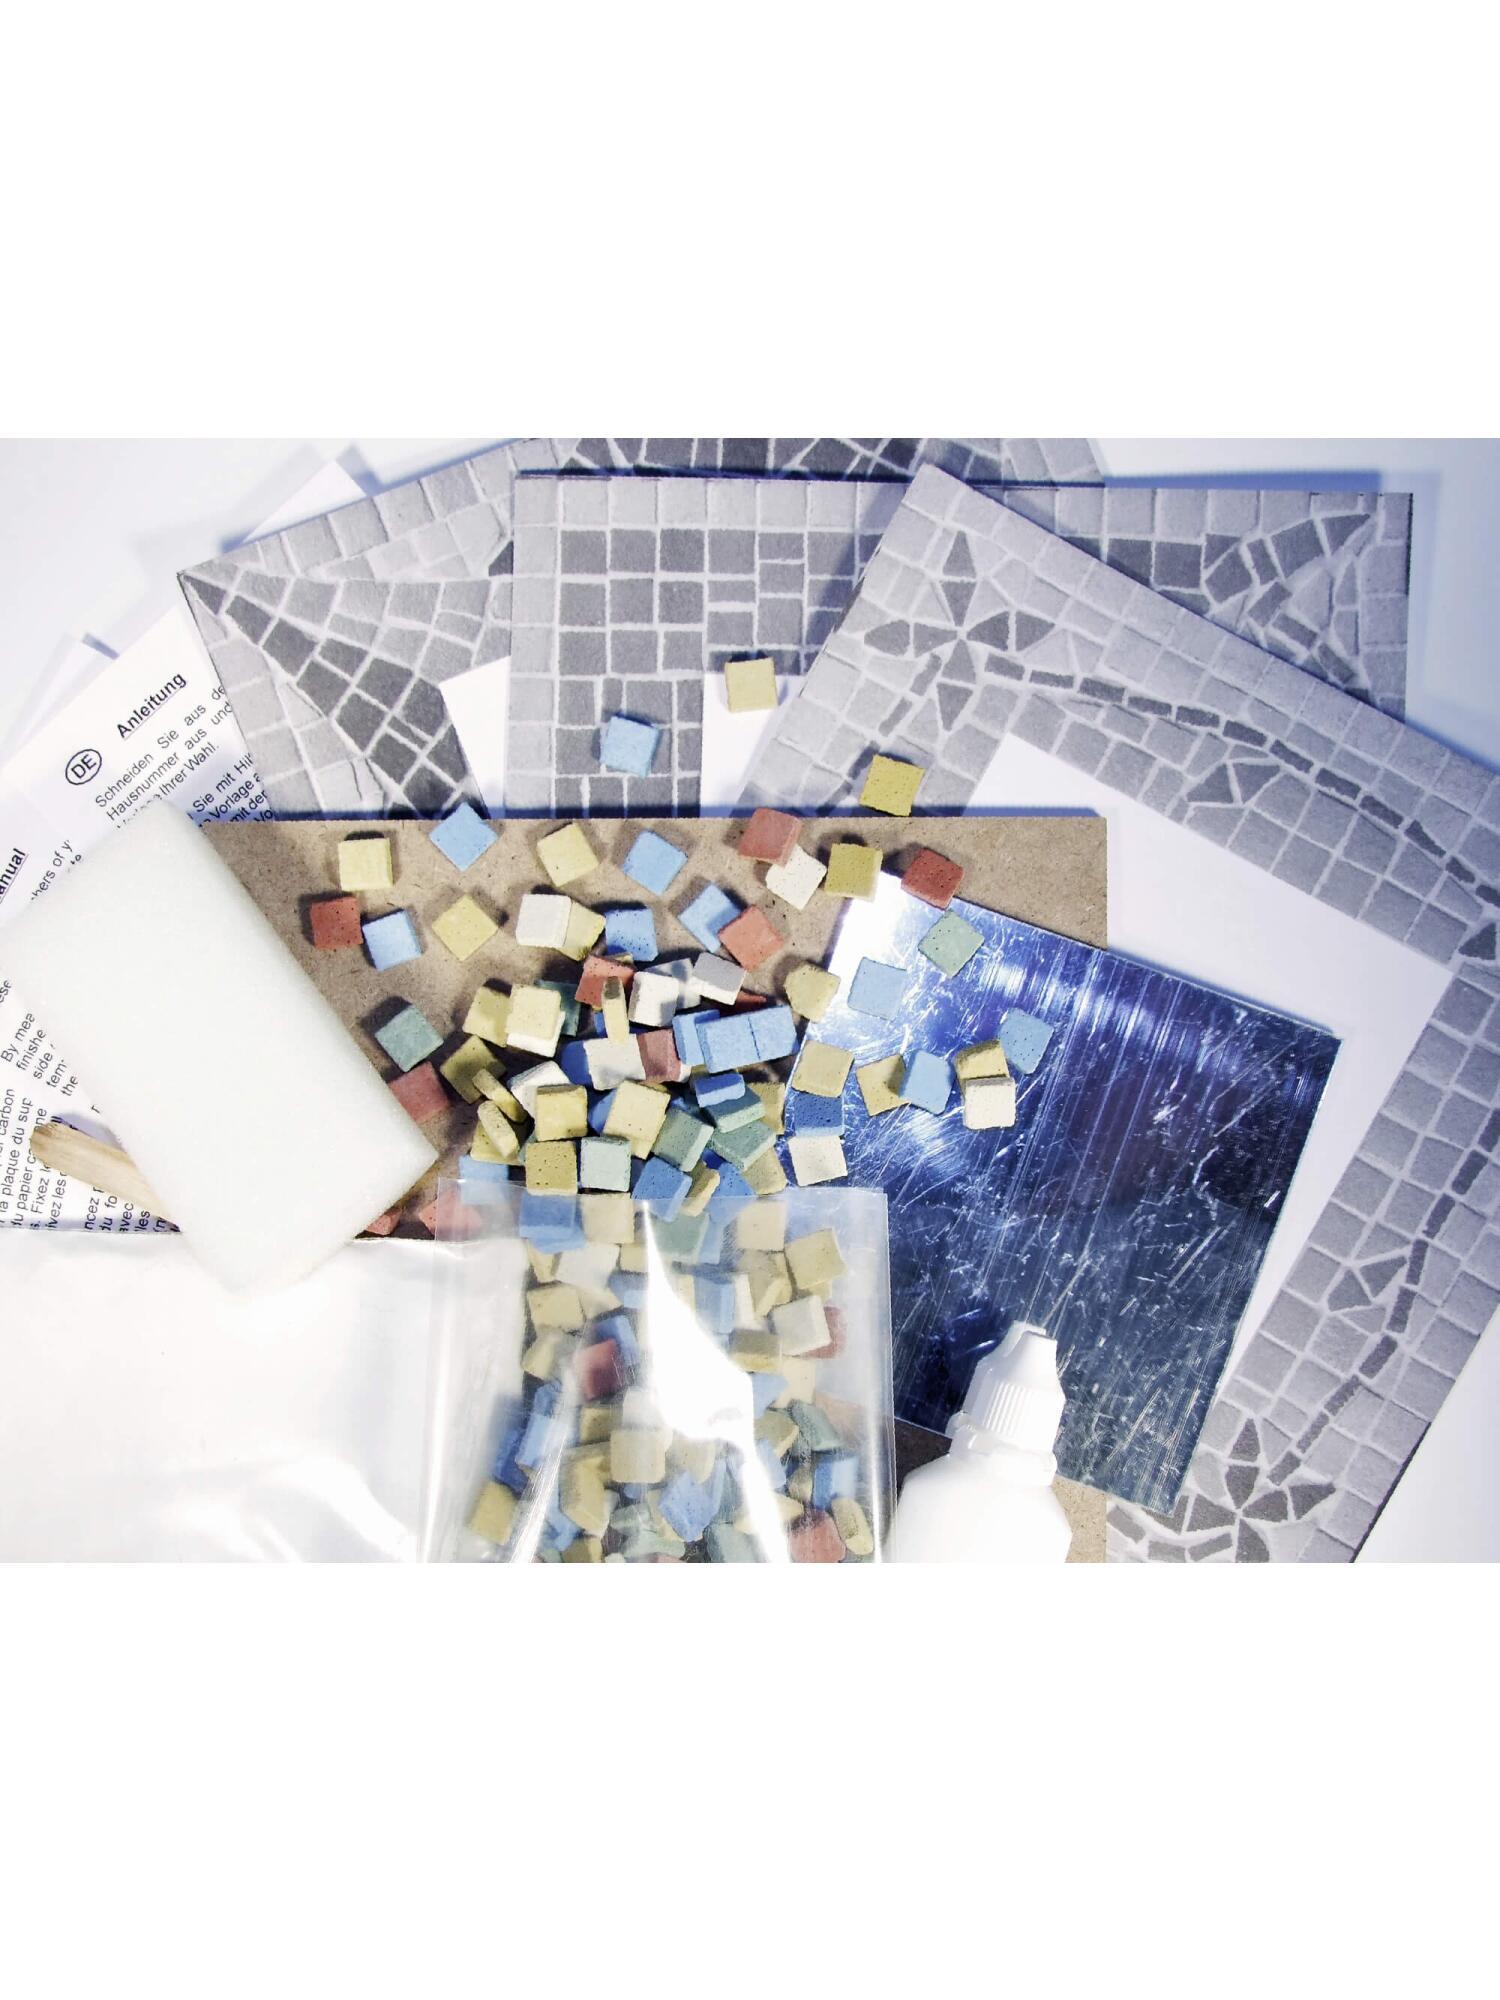 Mosaikset Spiegel 20x20 cm günstig kaufen